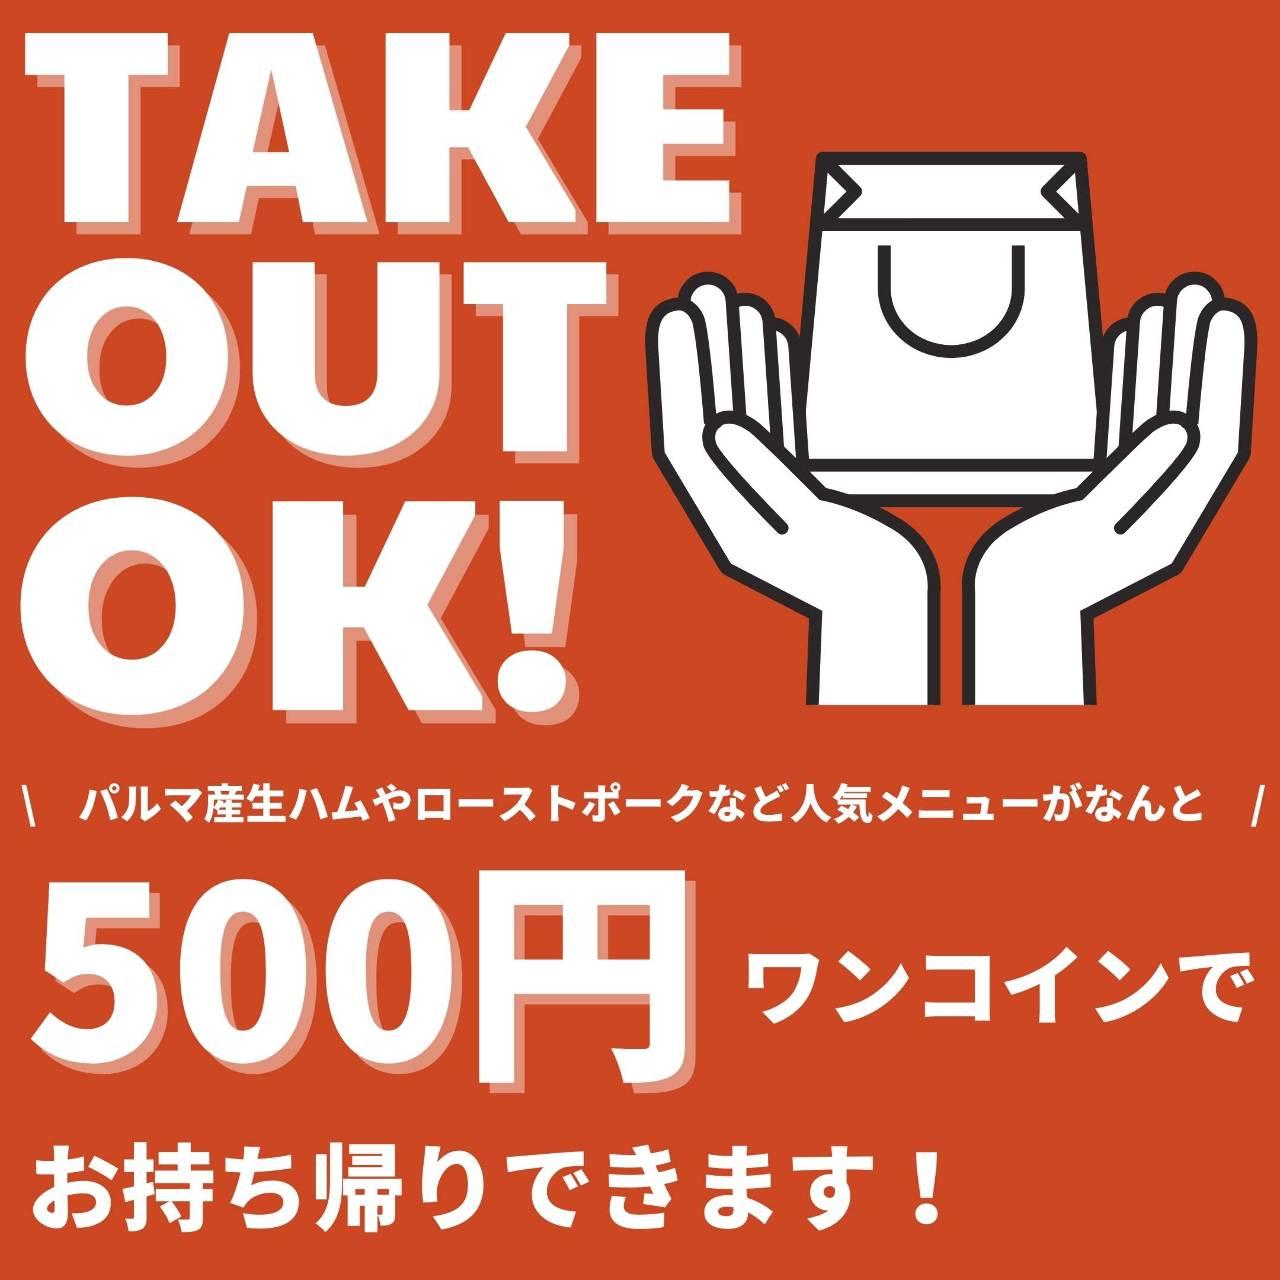 ◆テイクアウト◆新登場!テイクアウト限定メニューのご予約はこちら!お手頃価格540円